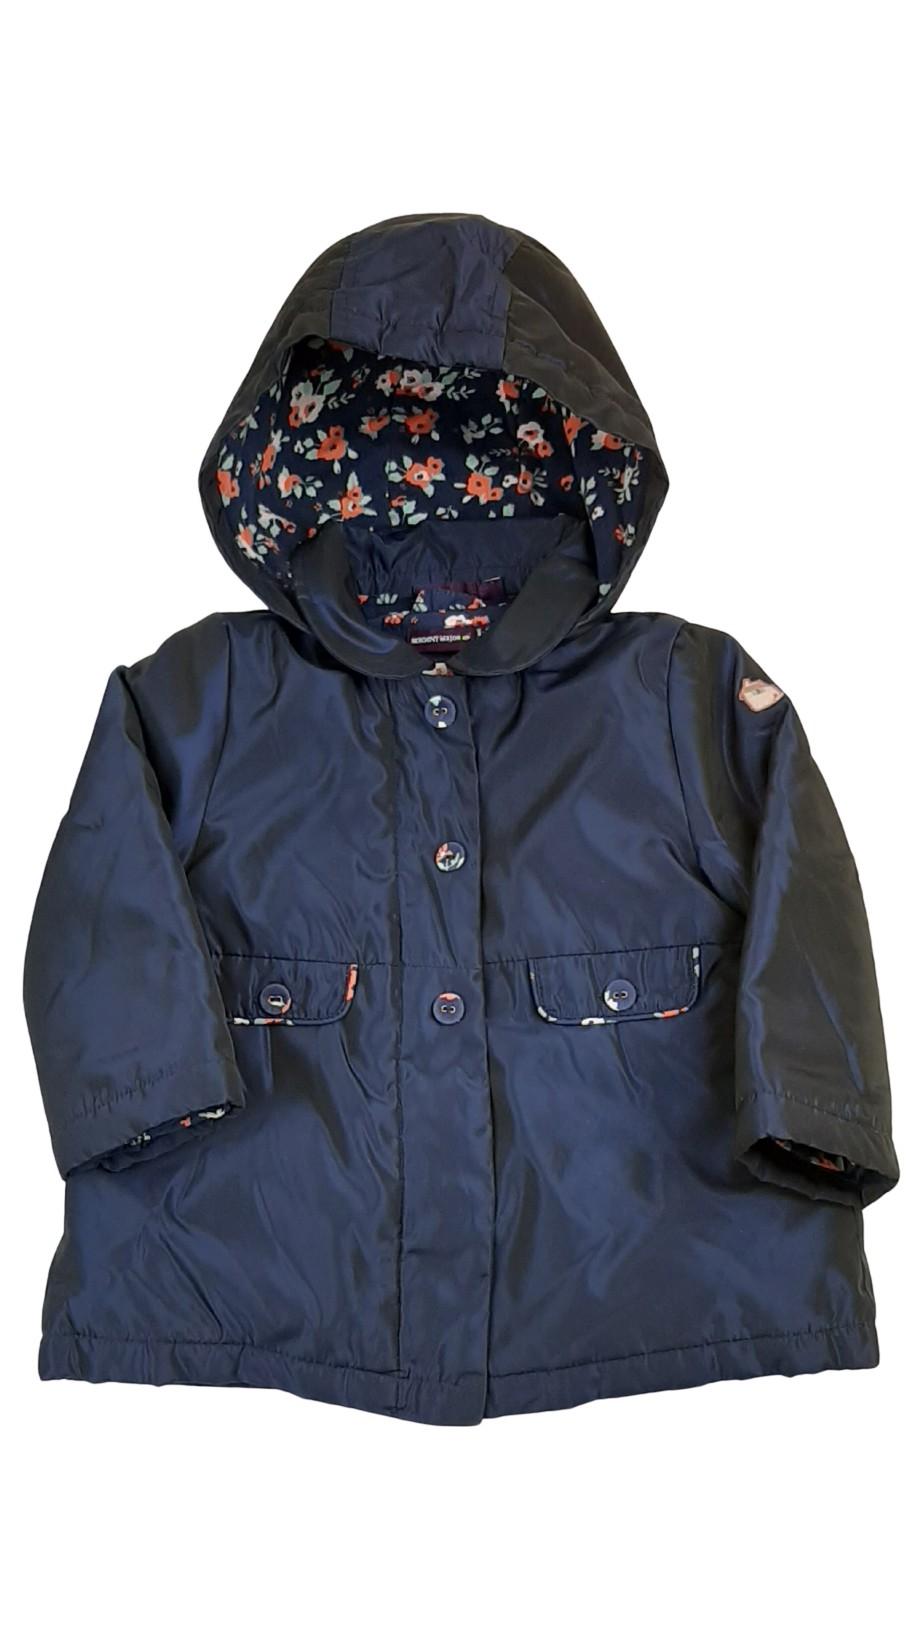 Manteau avec doublure polaire amovible 1